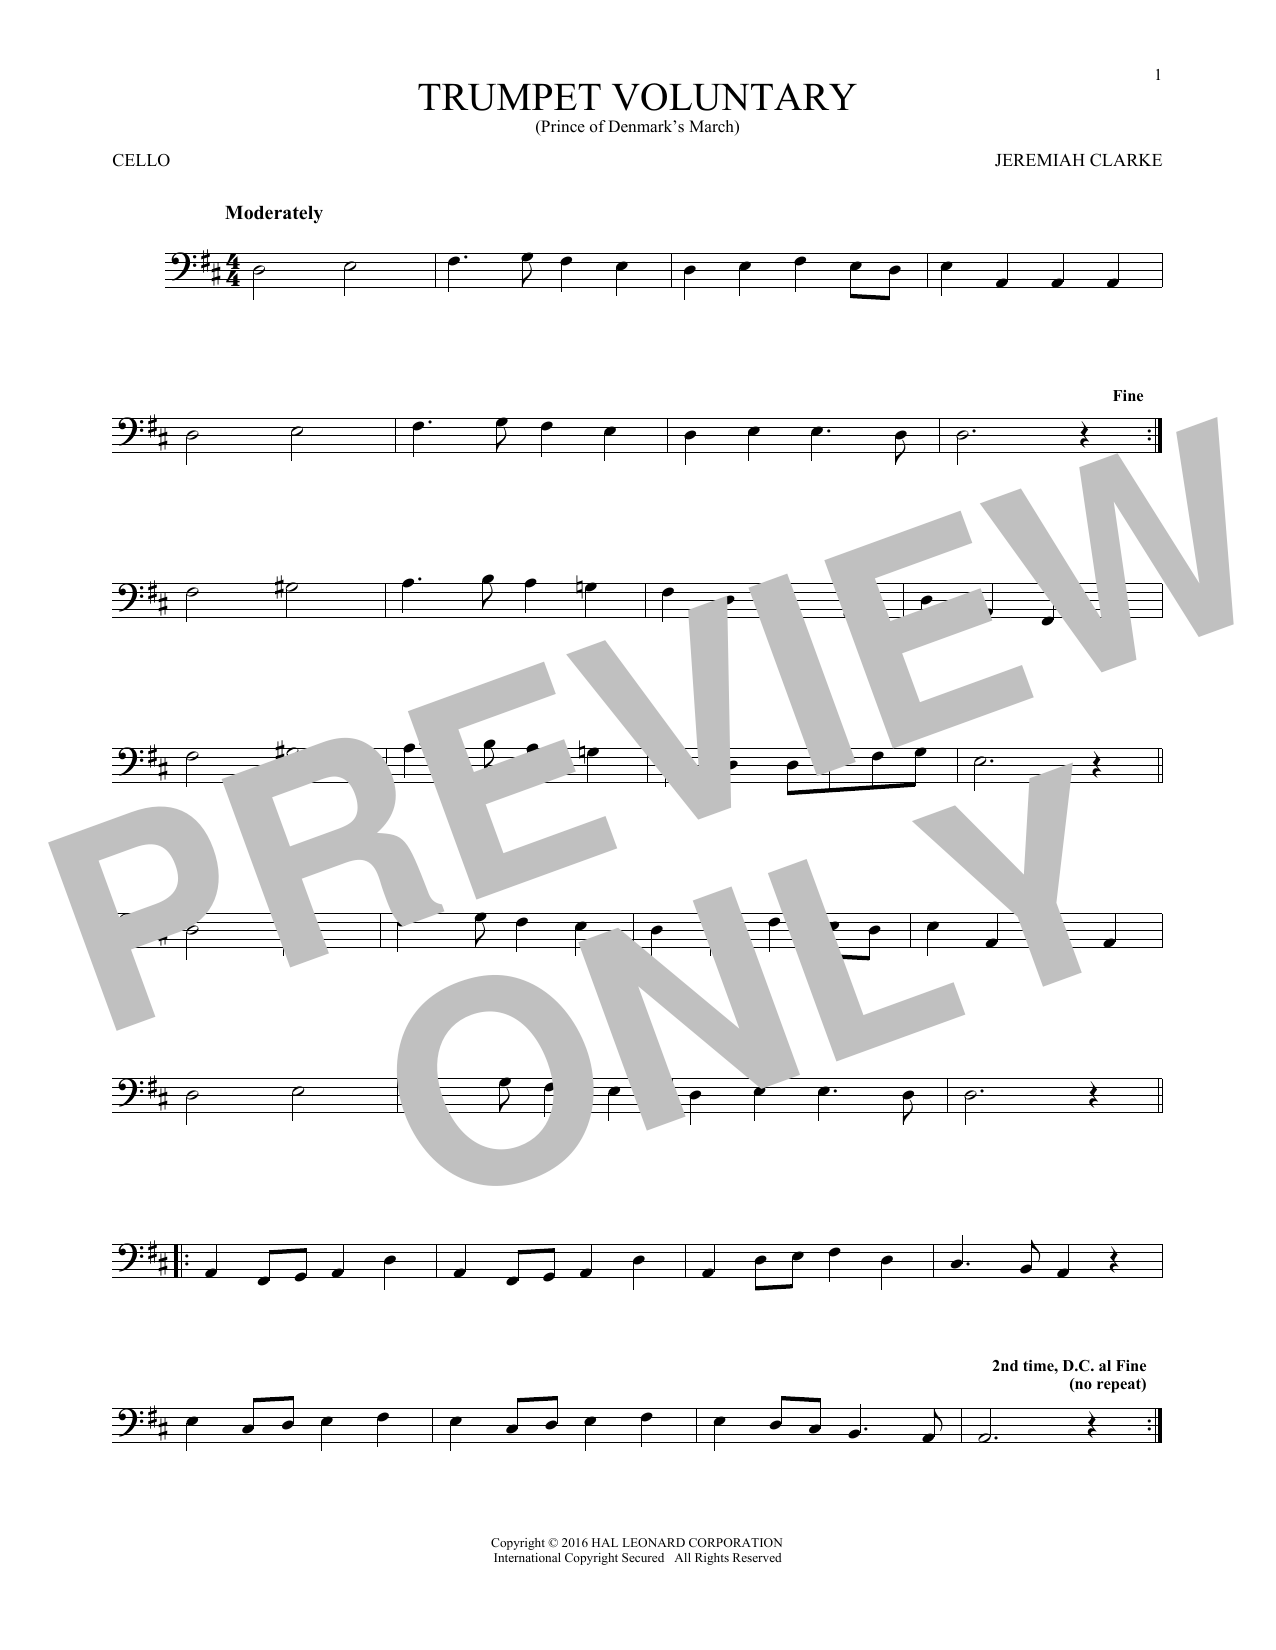 Trumpet Voluntary (Cello Solo)